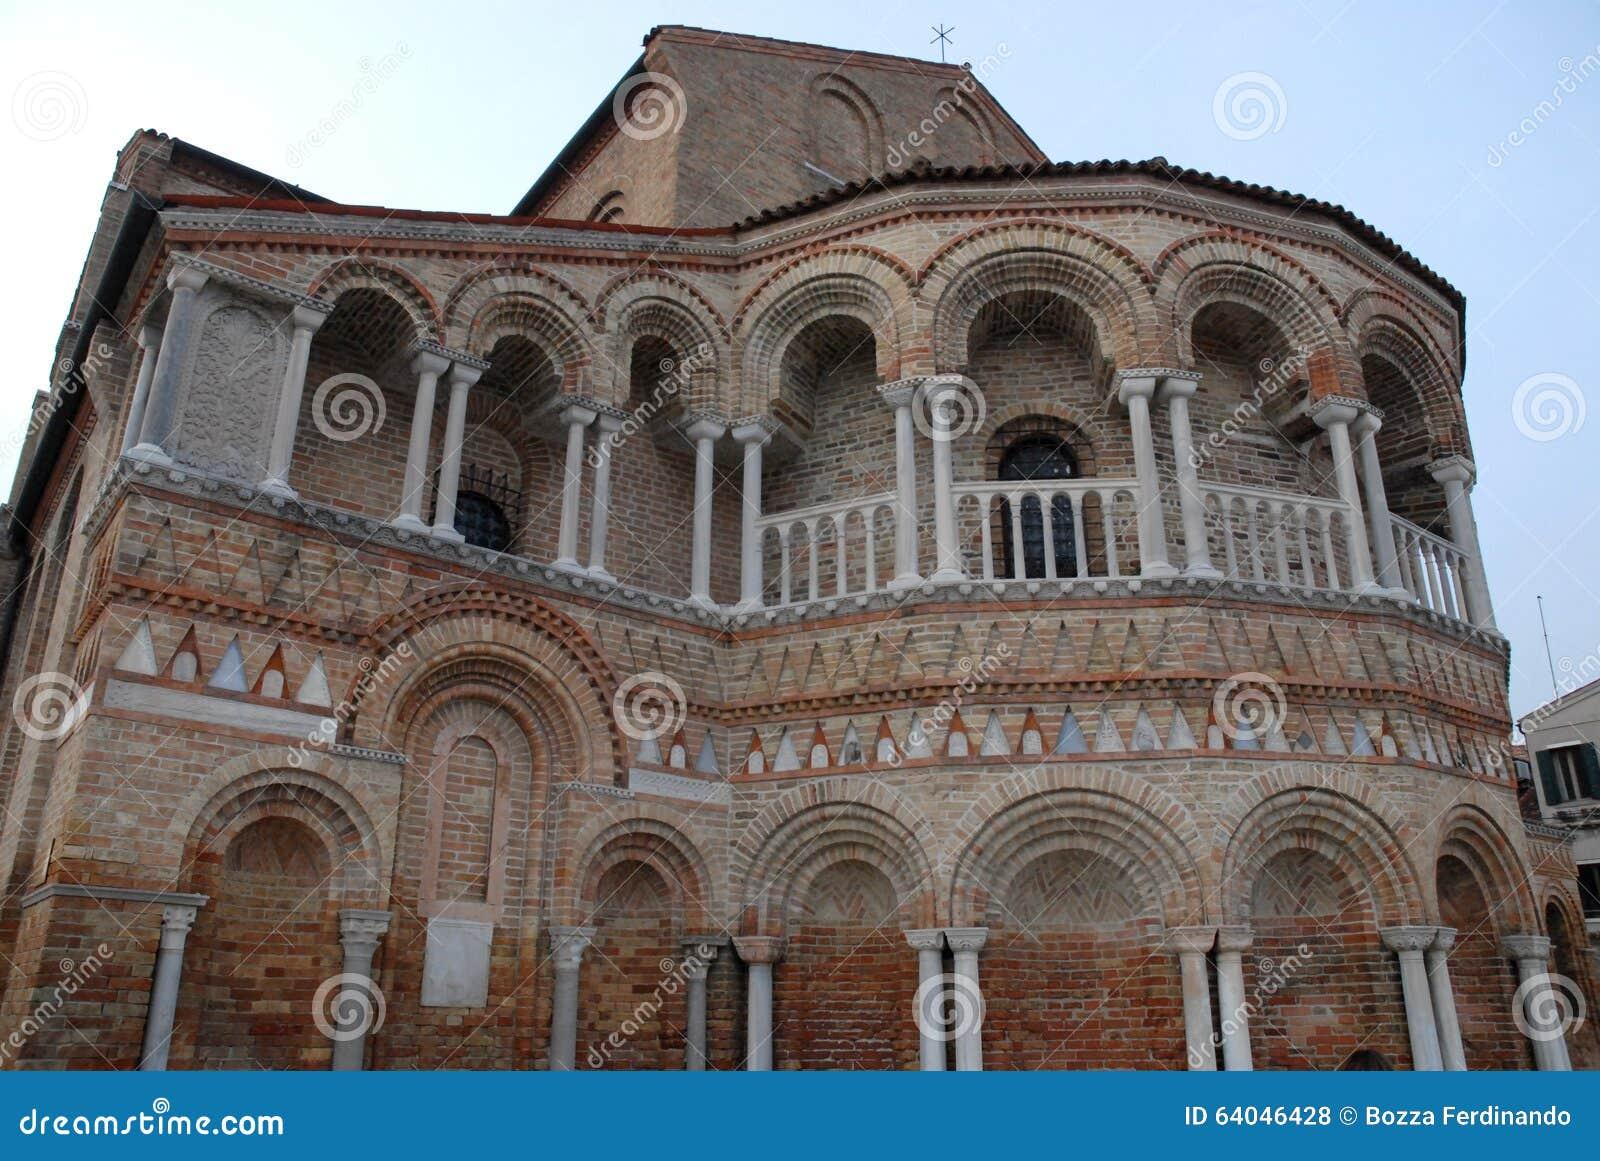 Zewnętrzna ściana apsyda katedra Murano w zarządzie miasta Wenecja w Veneto (Włochy)